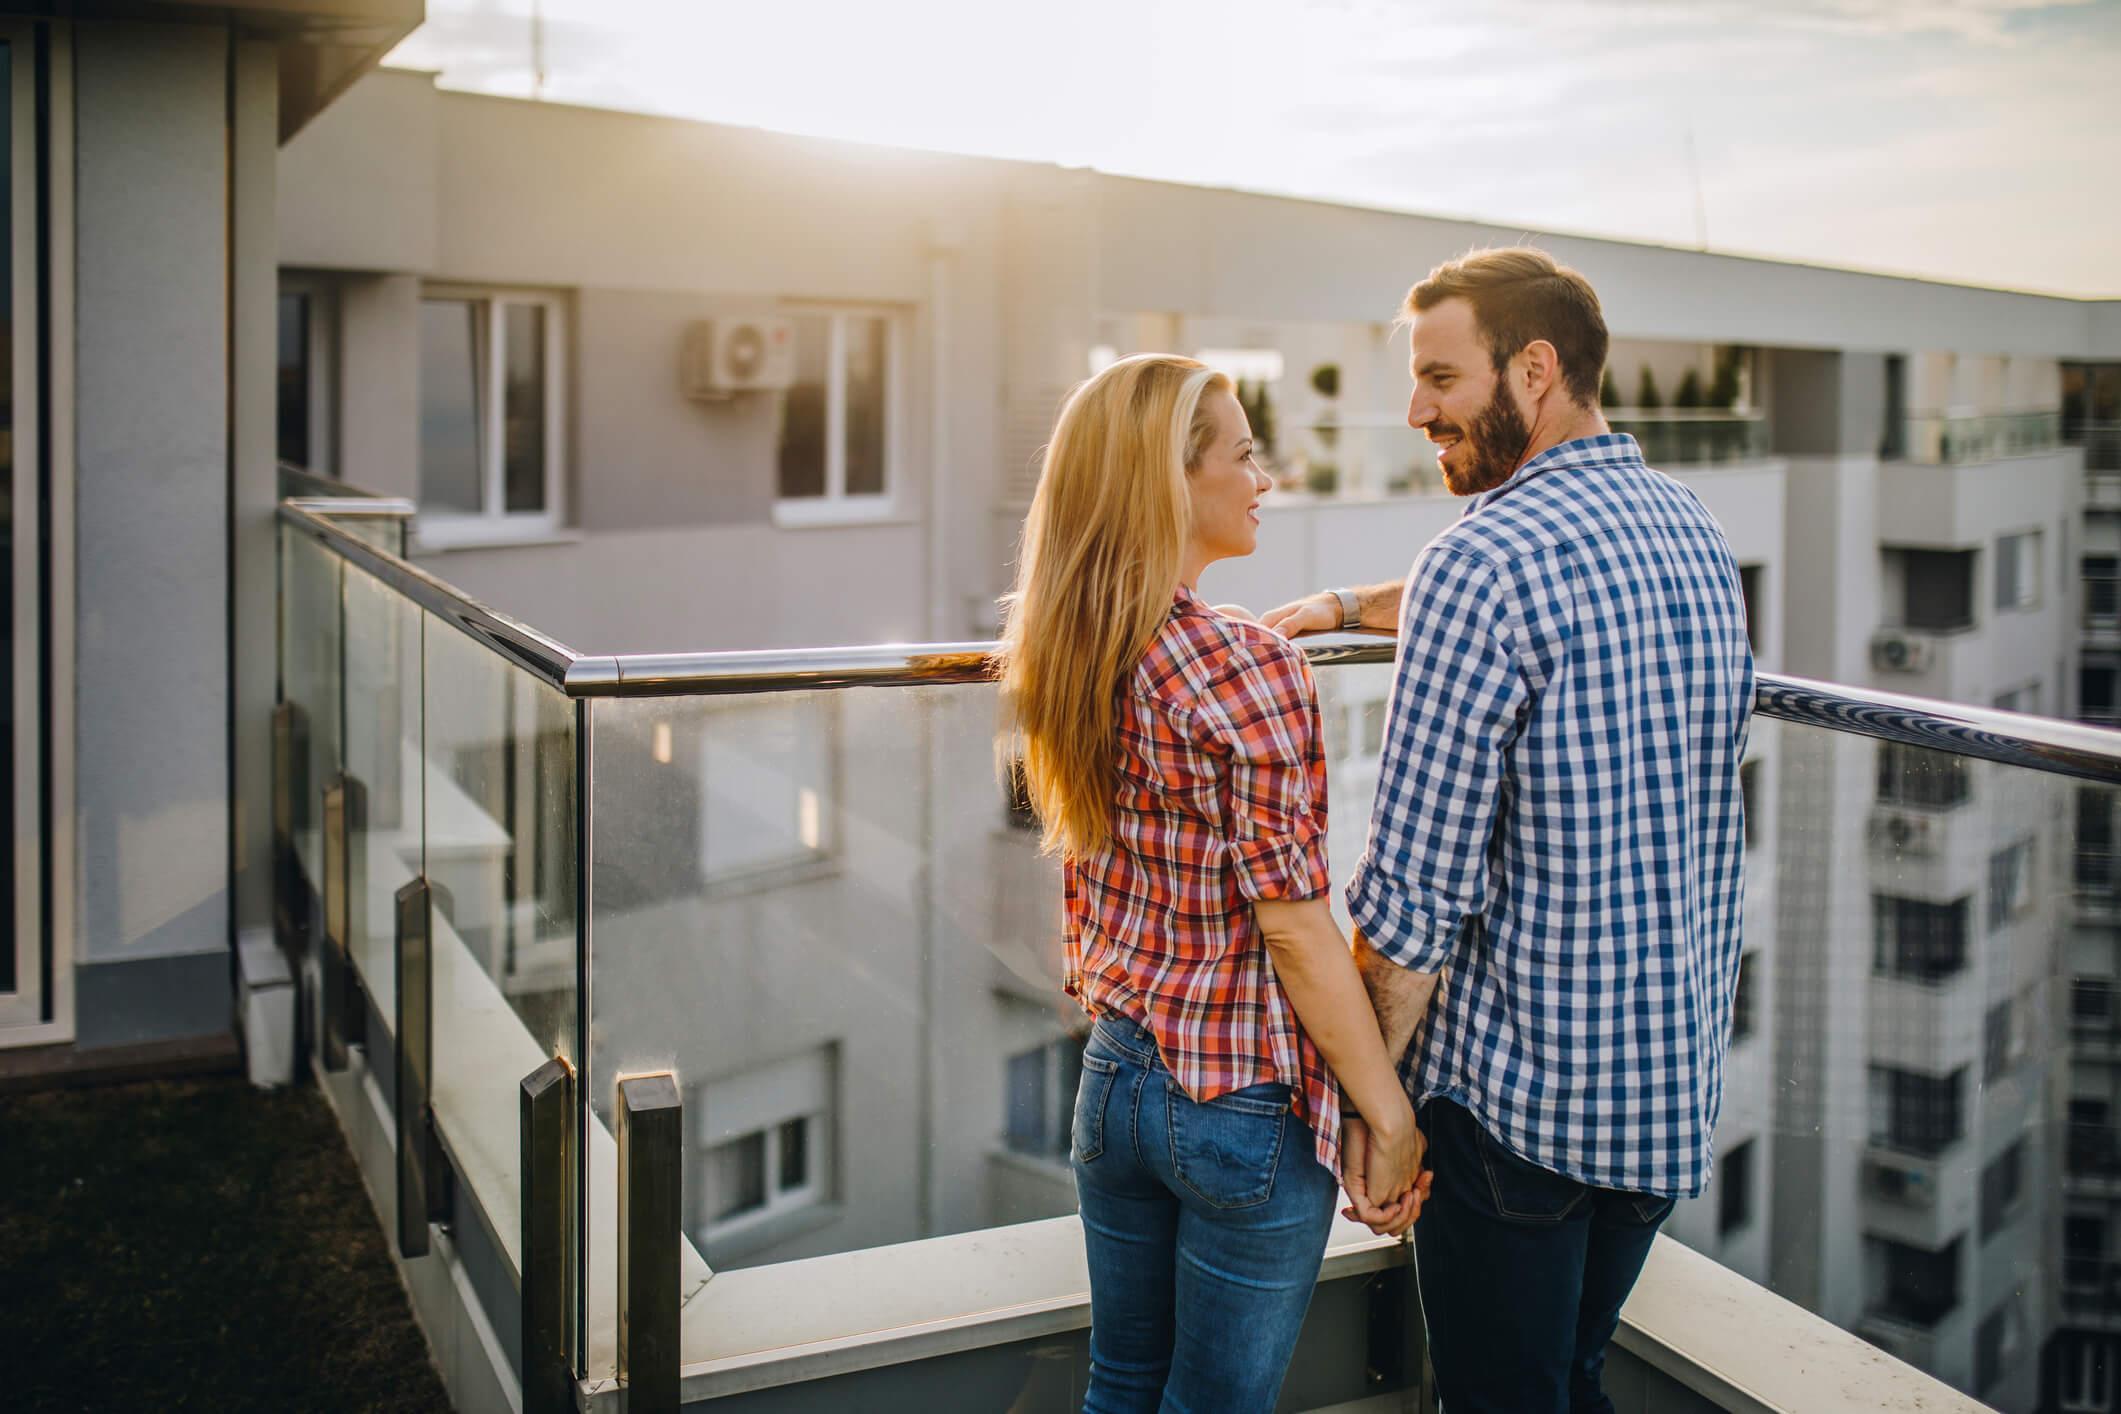 Descubra como é possível comprar um apartamento sem entrada